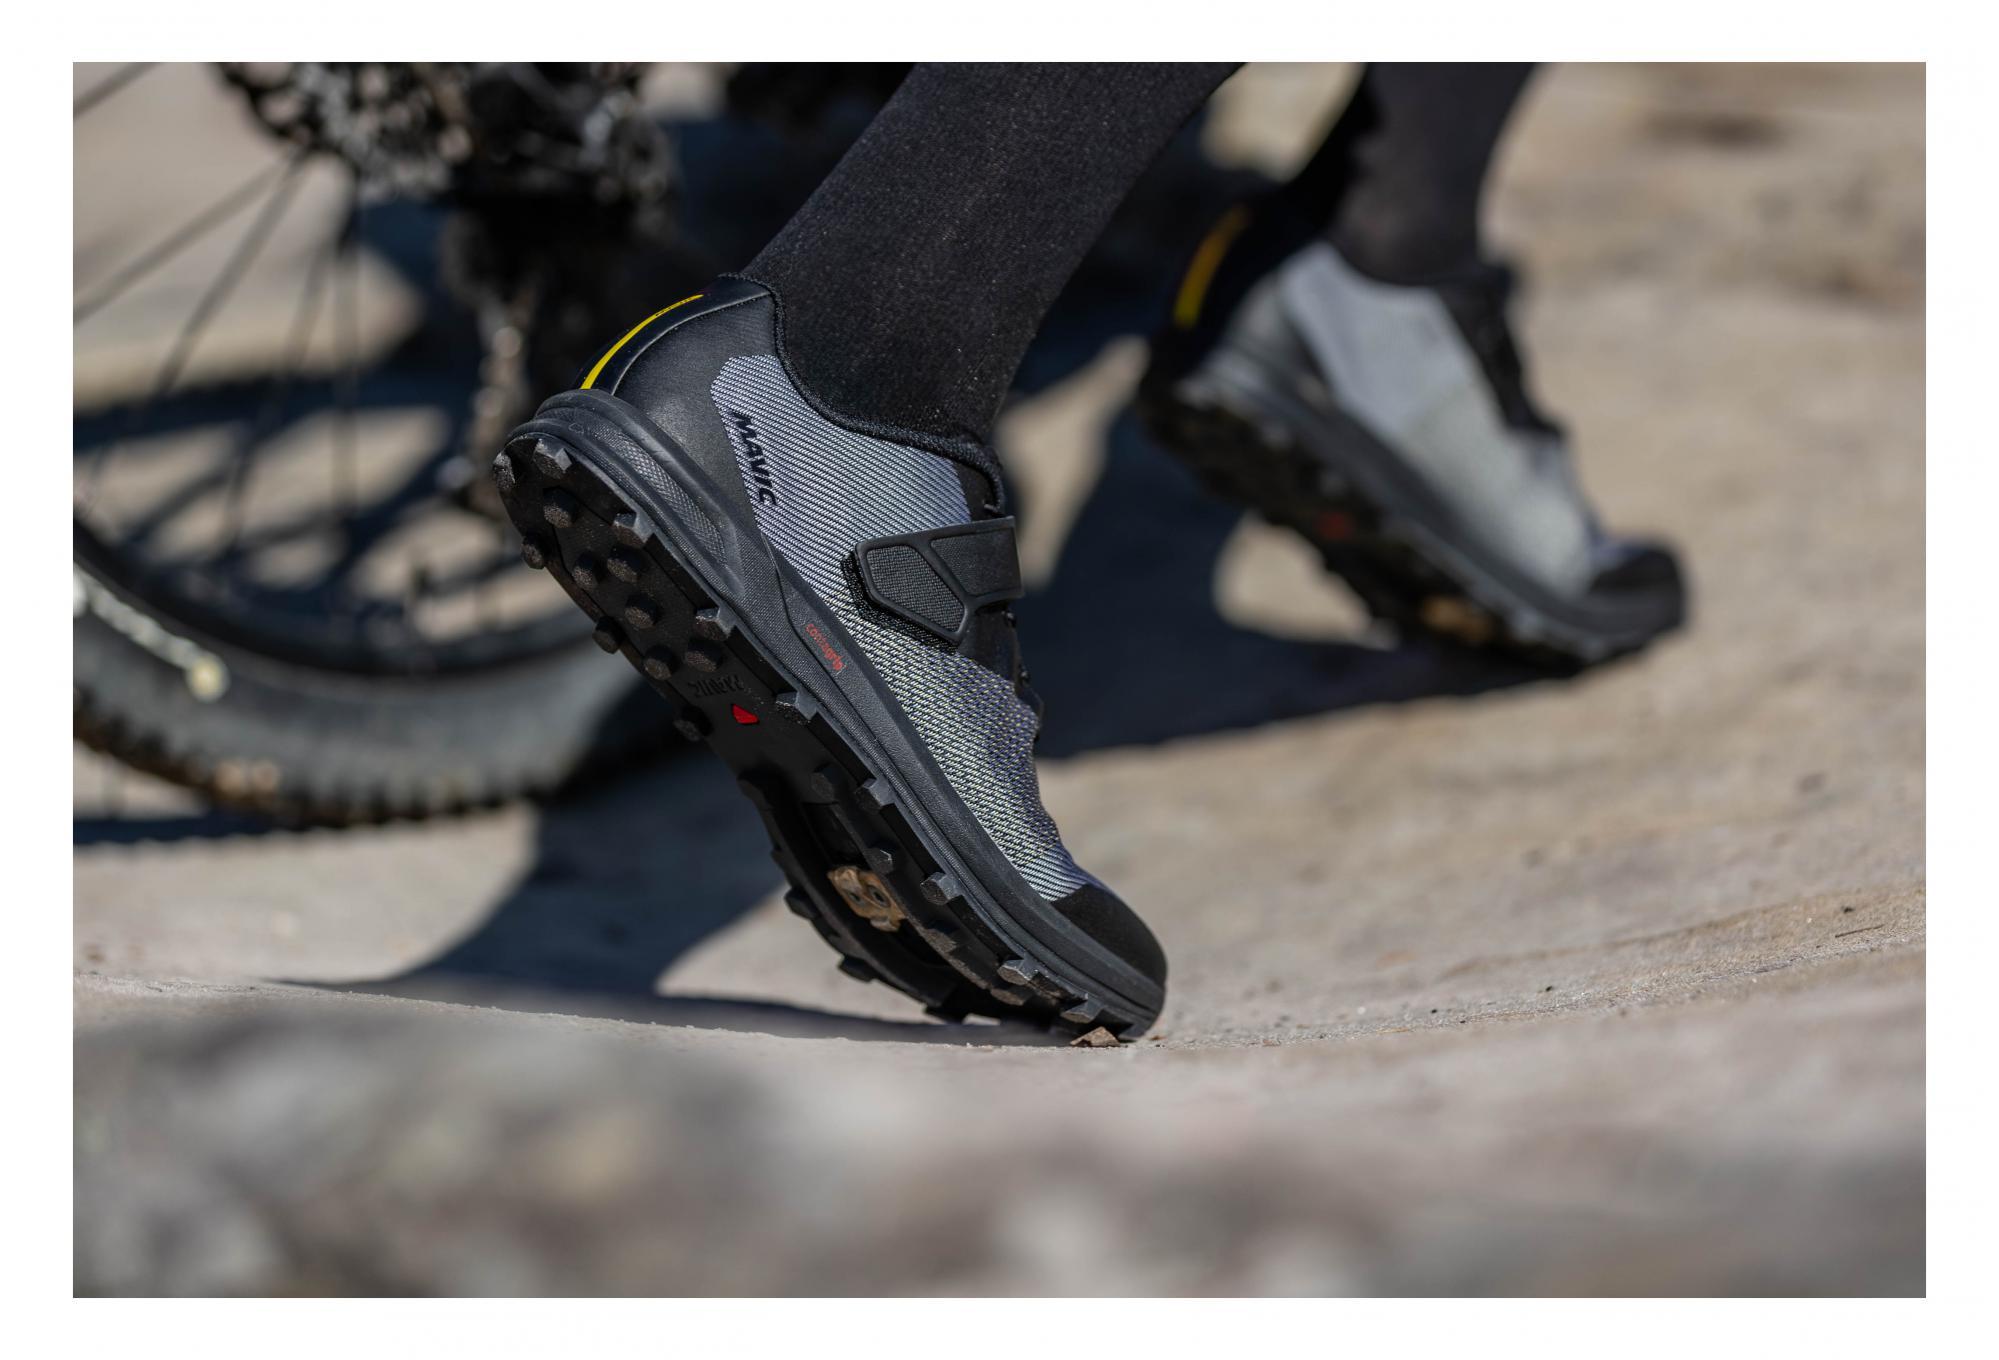 Schuhe Grau Matryx Xa Mavic Mtb Schwarz w80OkNPXZn